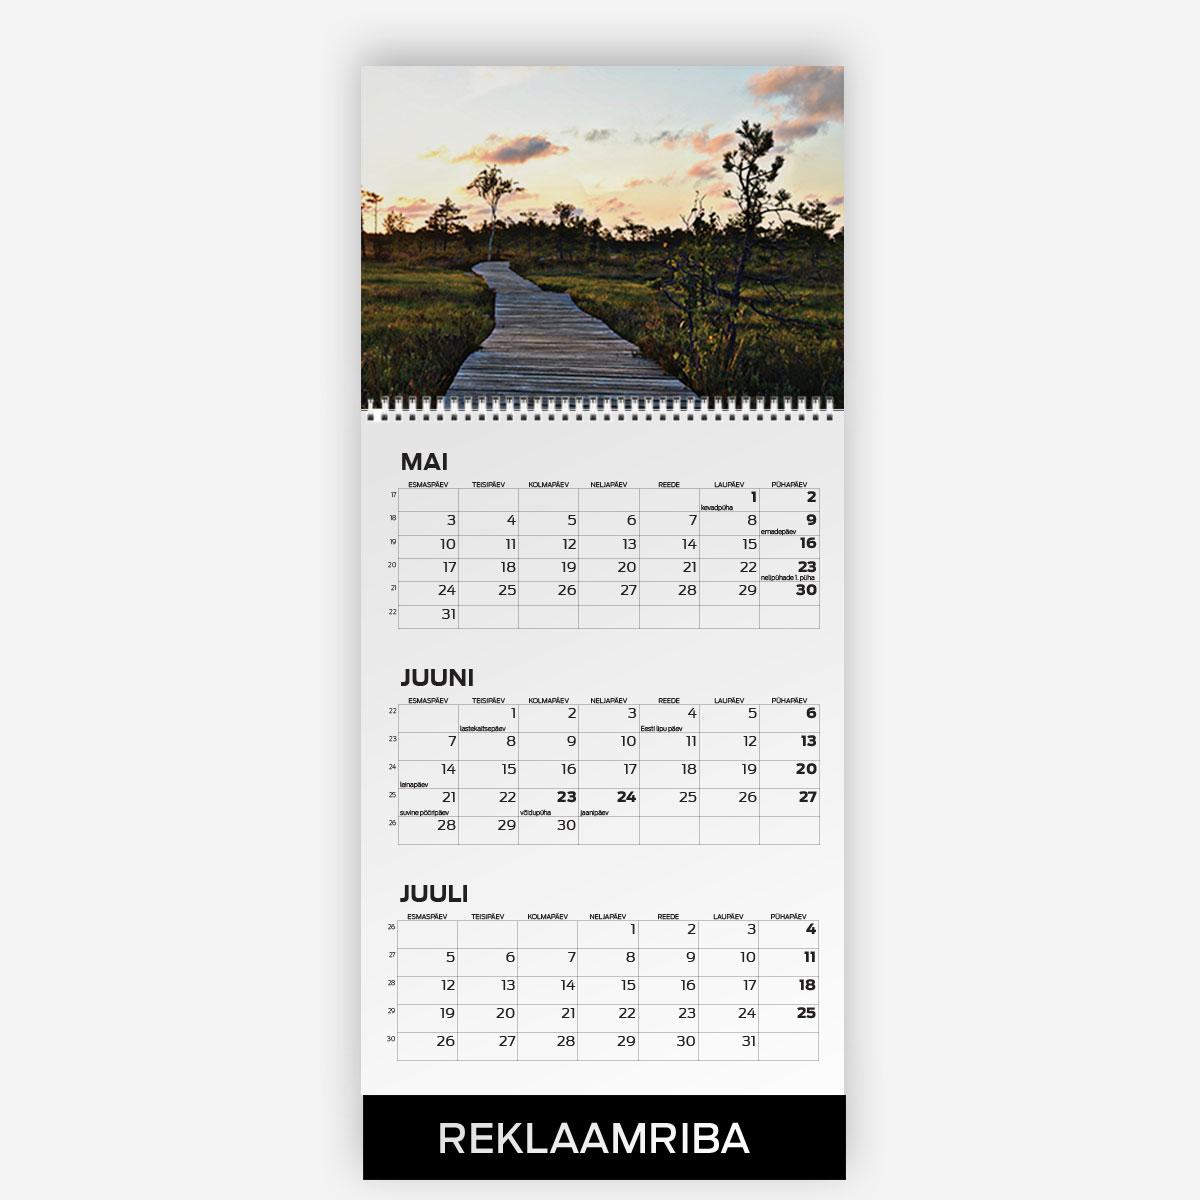 Triokalender A4 päisega ja reklaamribaga - oma disainiga kalender